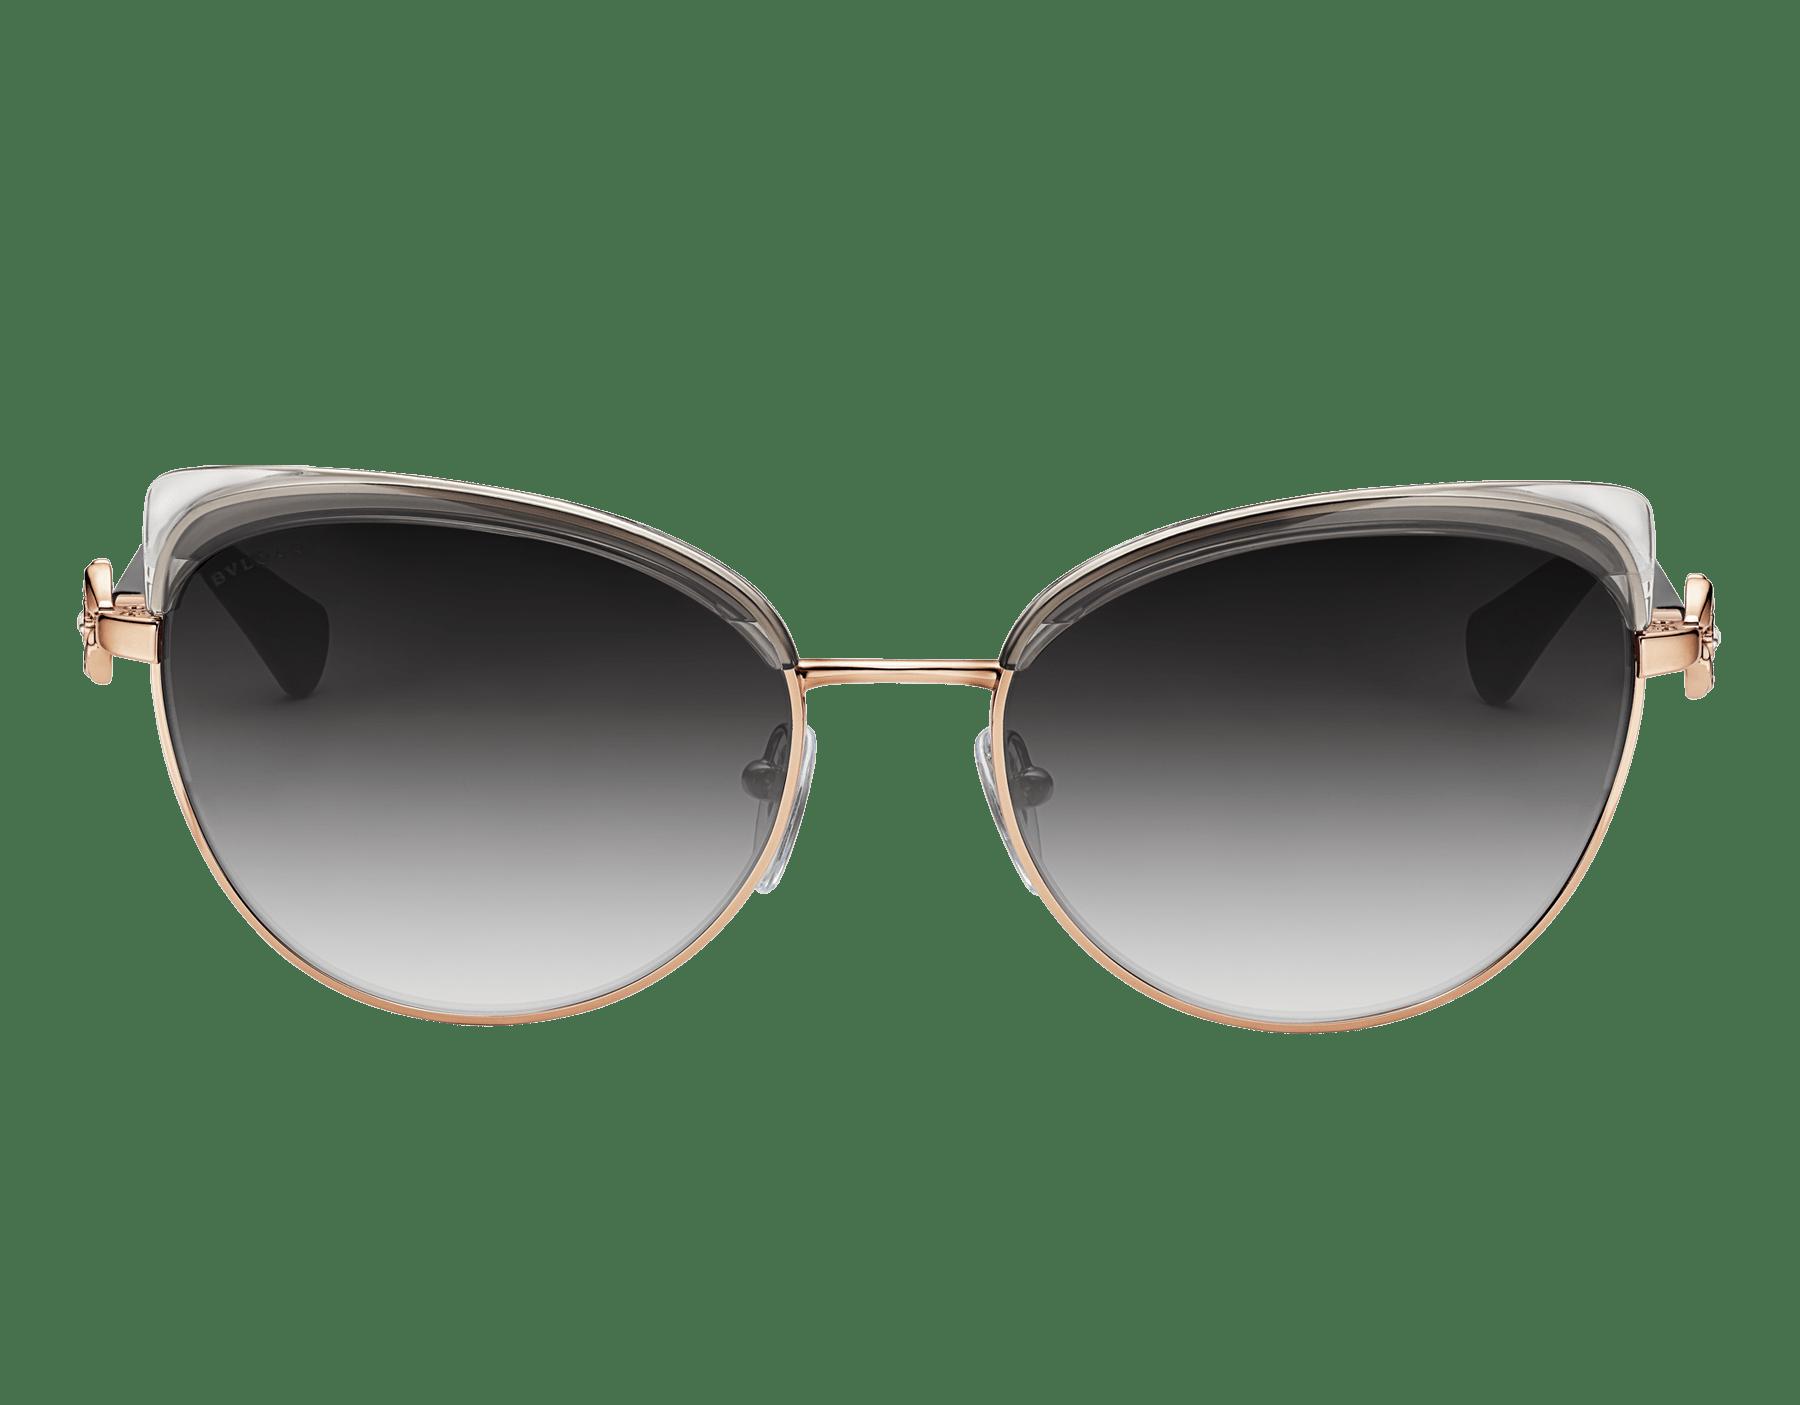 نظارات شمسية «فيوريفر» بشكل عين القطة 904087 image 2